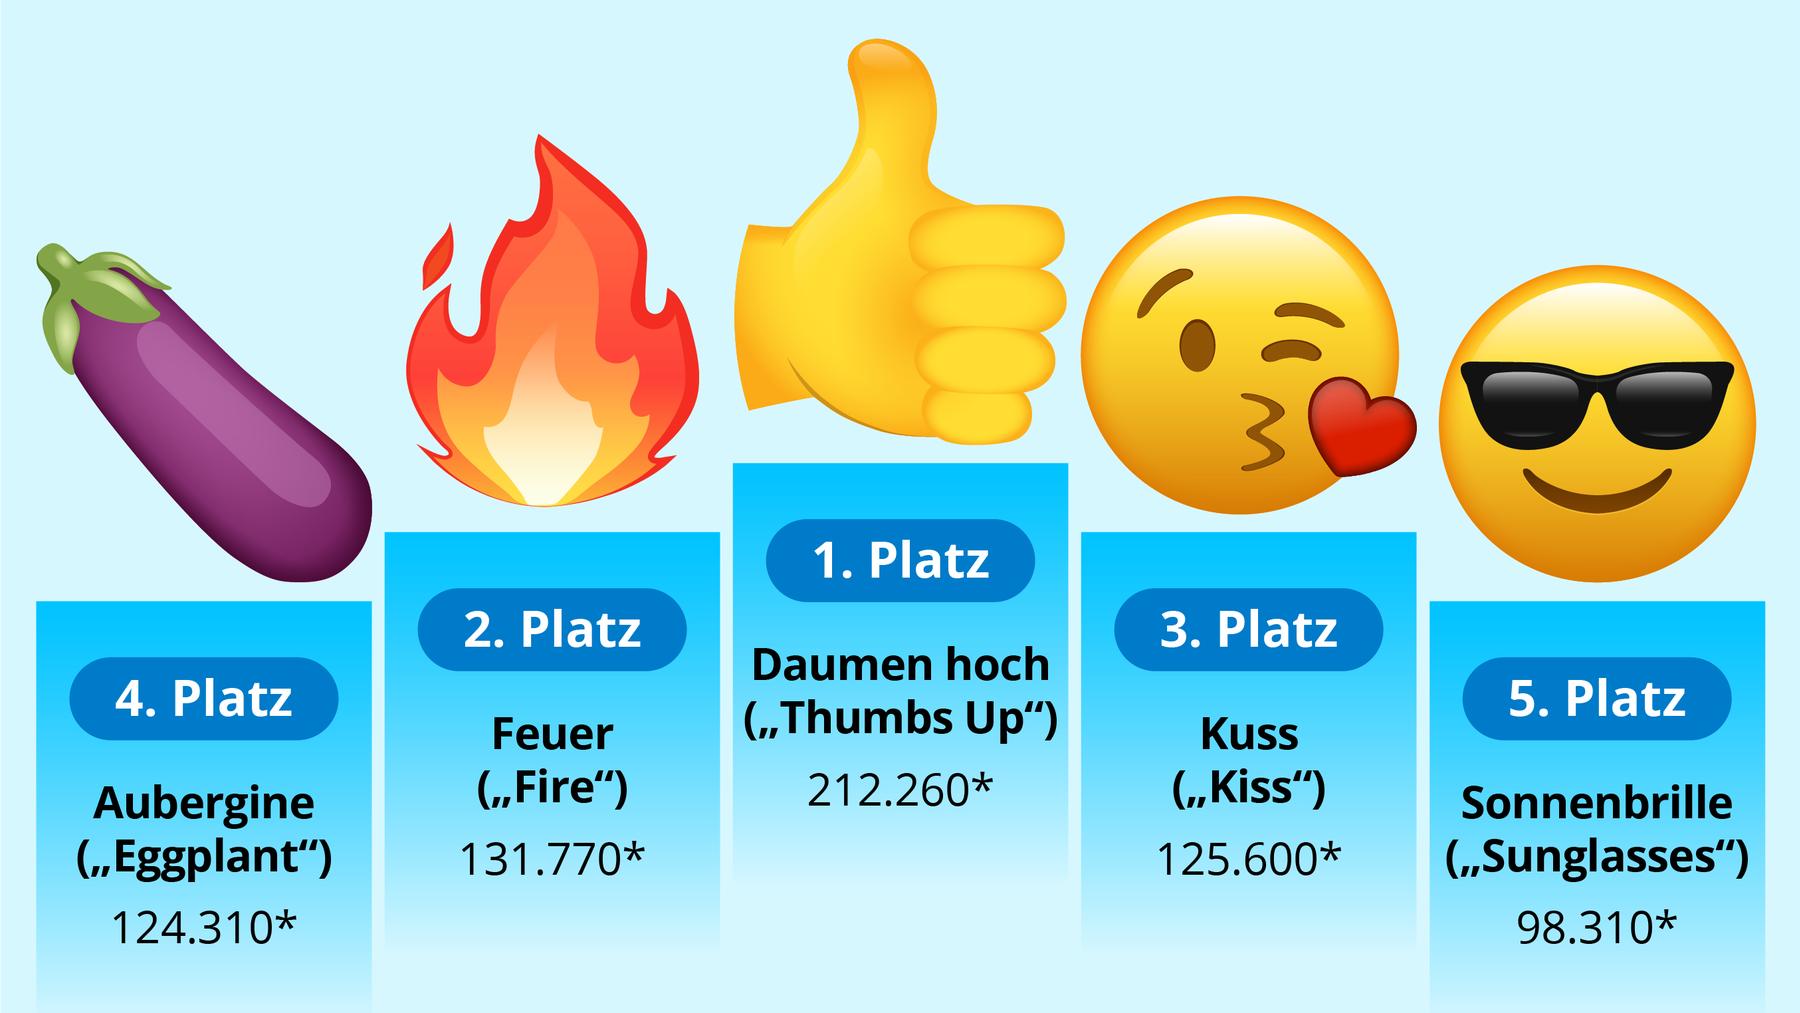 Die fünf beliebtesten Emojis